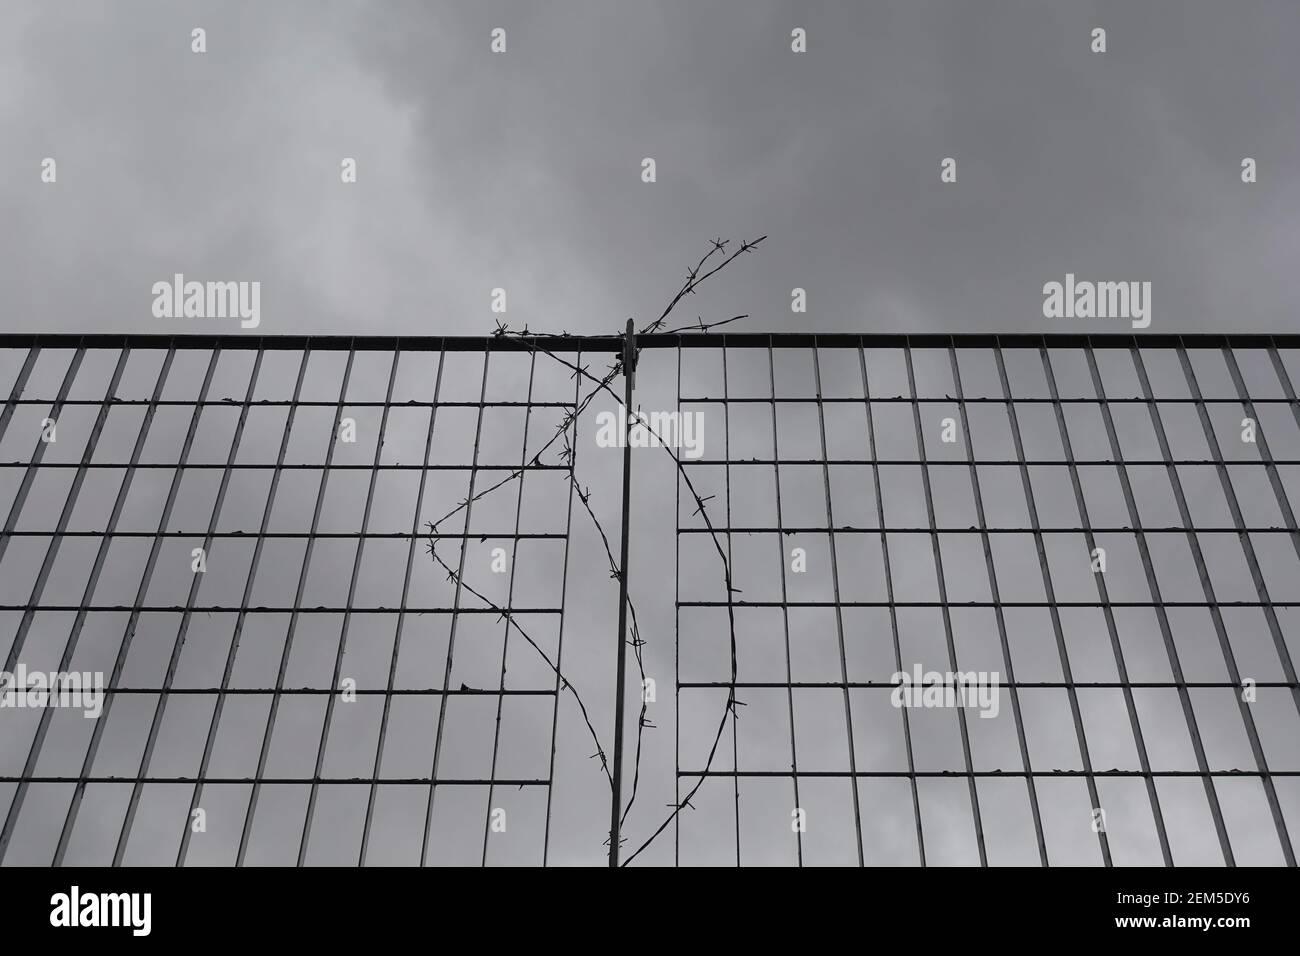 Clôture en treillis métallique et fil barbelé sous ciel nuageux. Banque D'Images